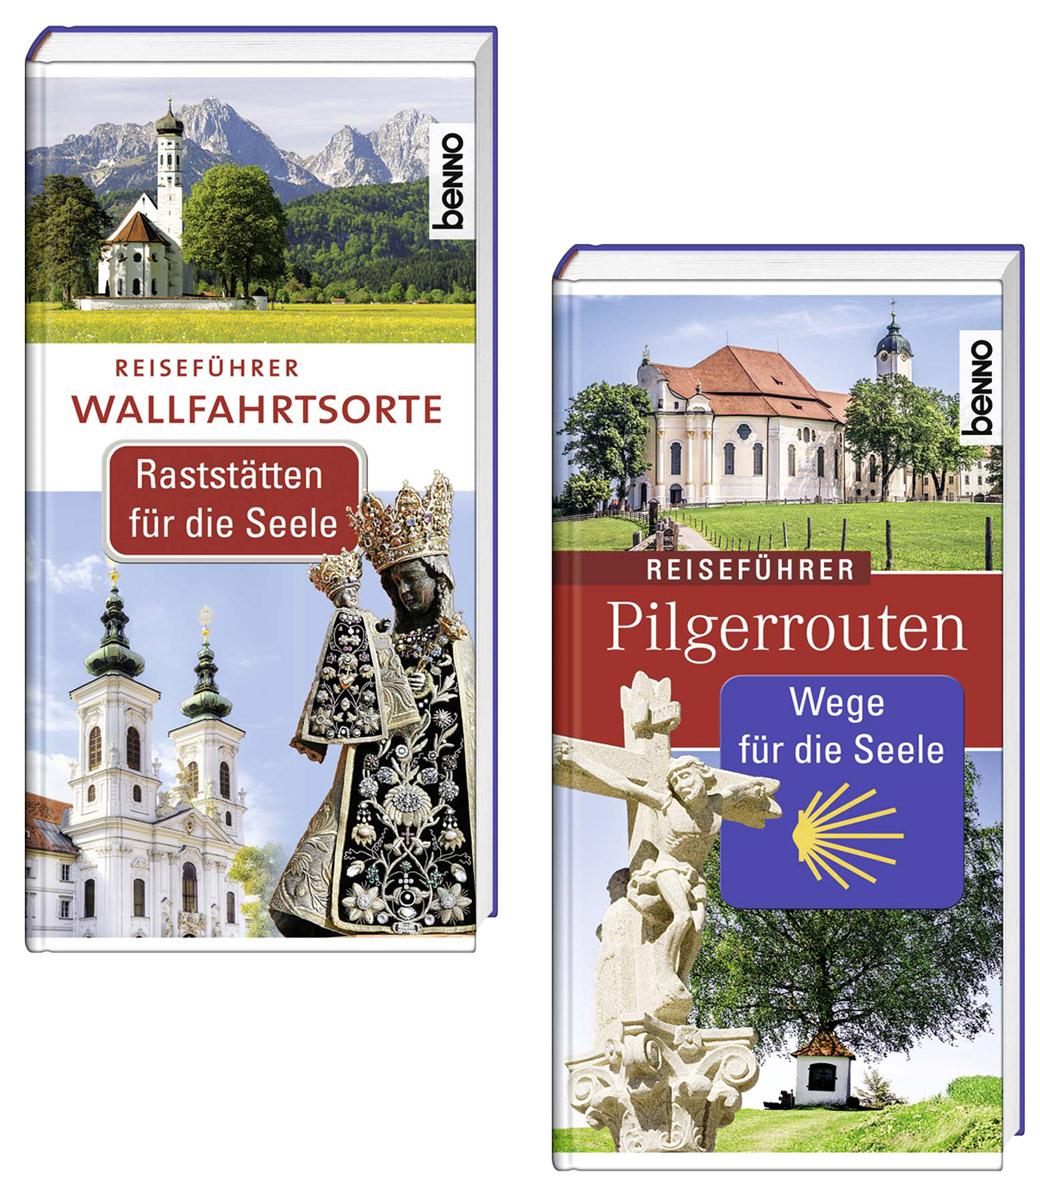 Reiseführer Pilgerrouten und Reiseführer Wallfahrtsorte